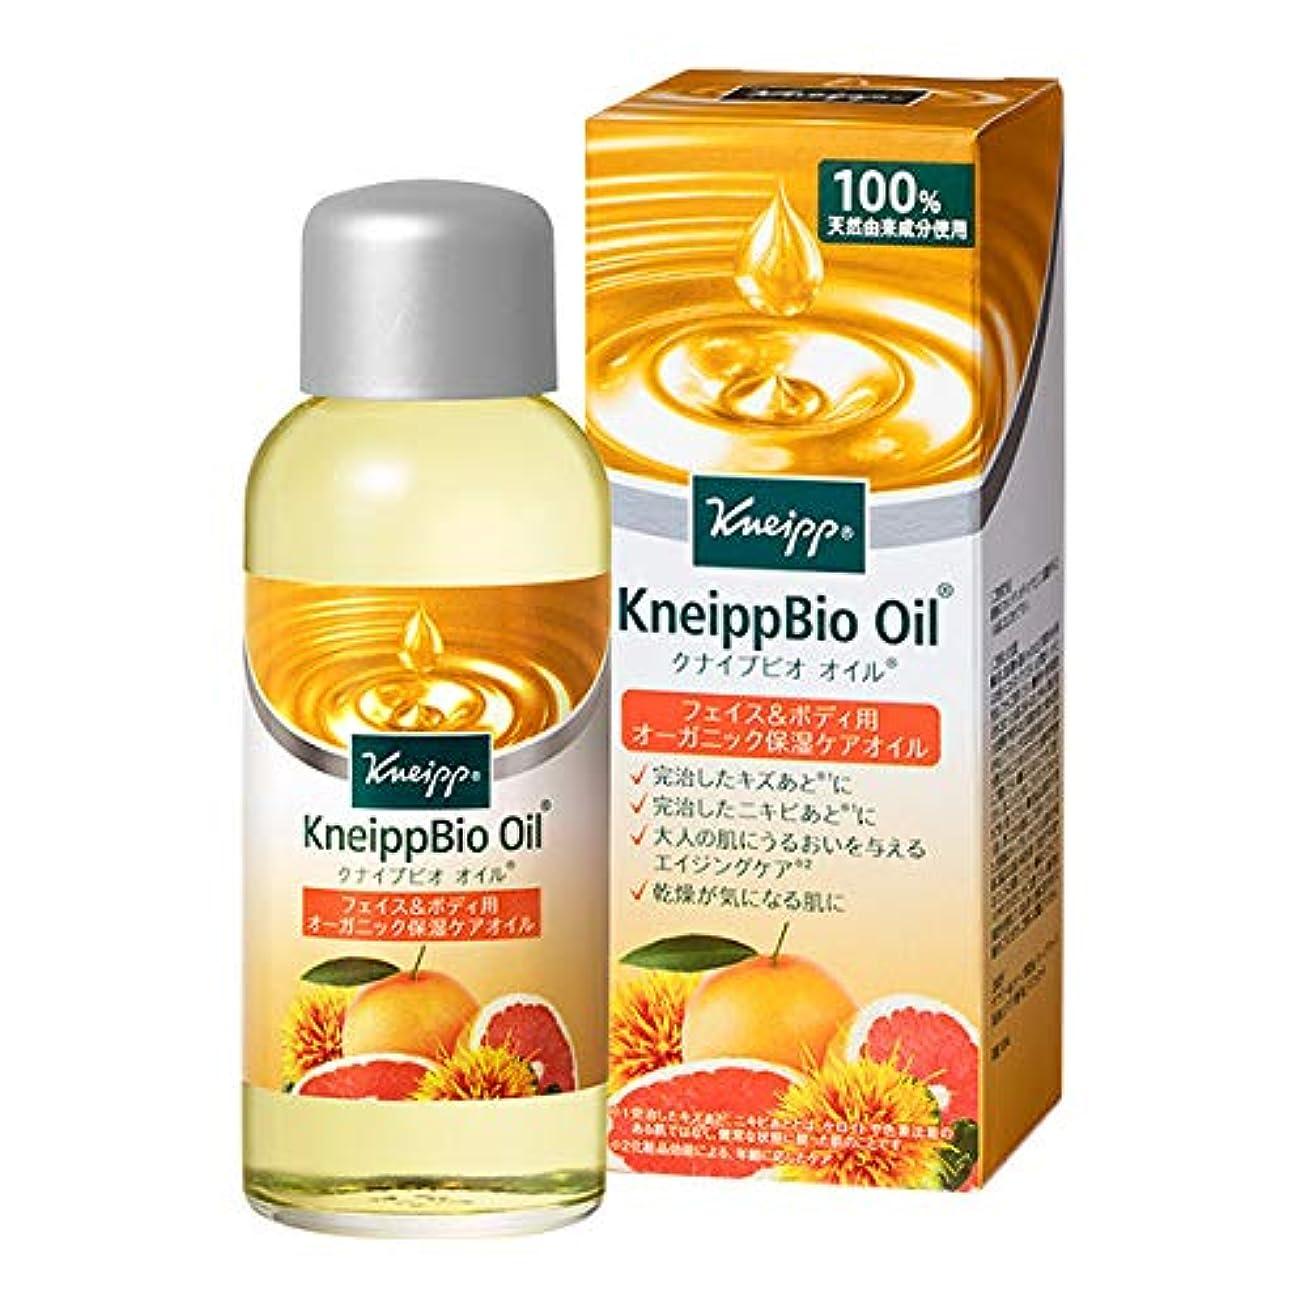 ベリビルダーほうきクナイプ(Kneipp) クナイプ ビオオイル100mL 美容液